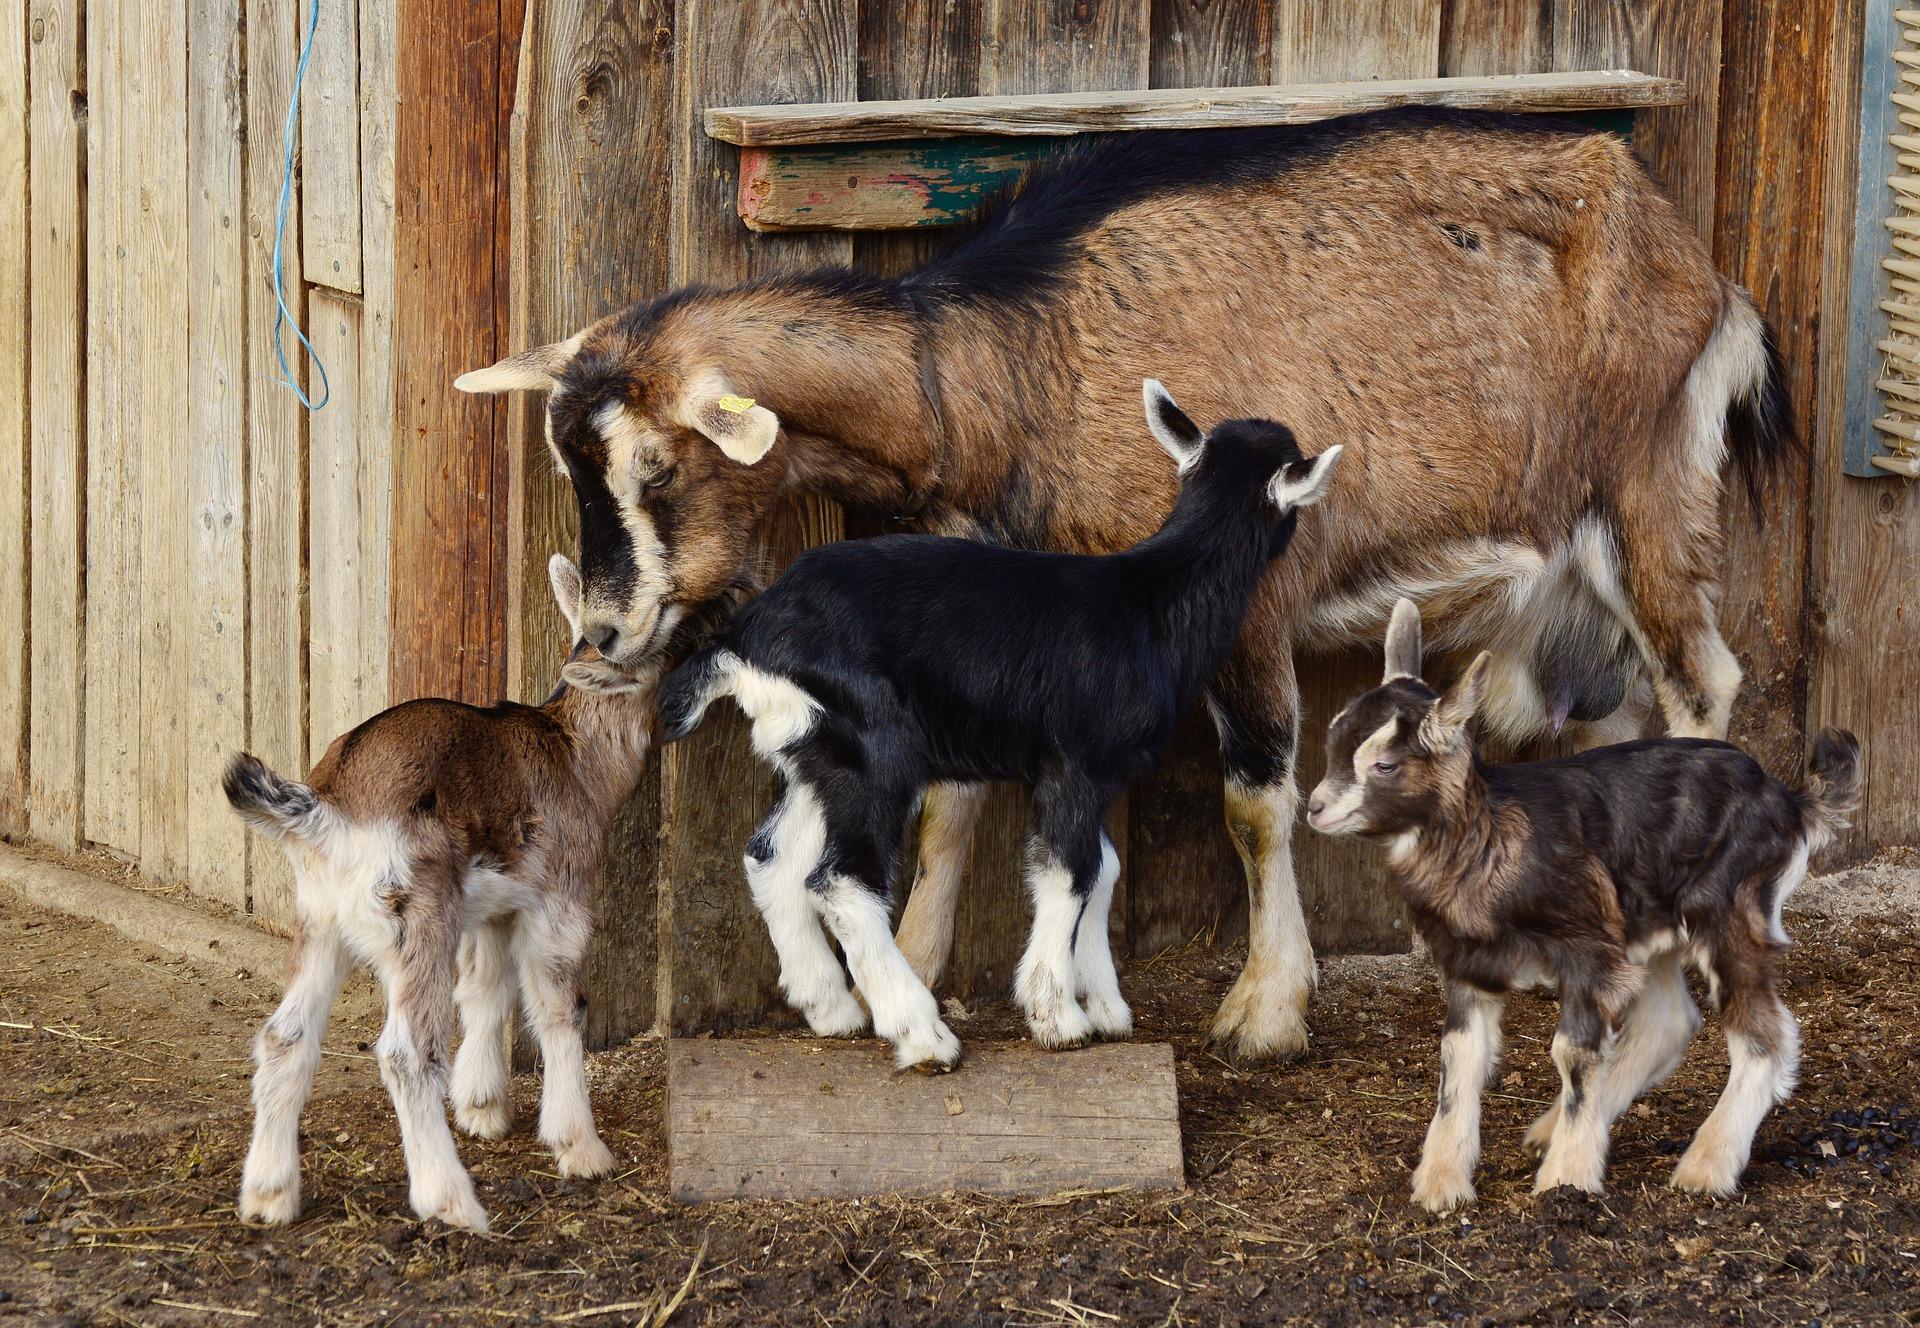 Aparece una cabra y varias cabritas